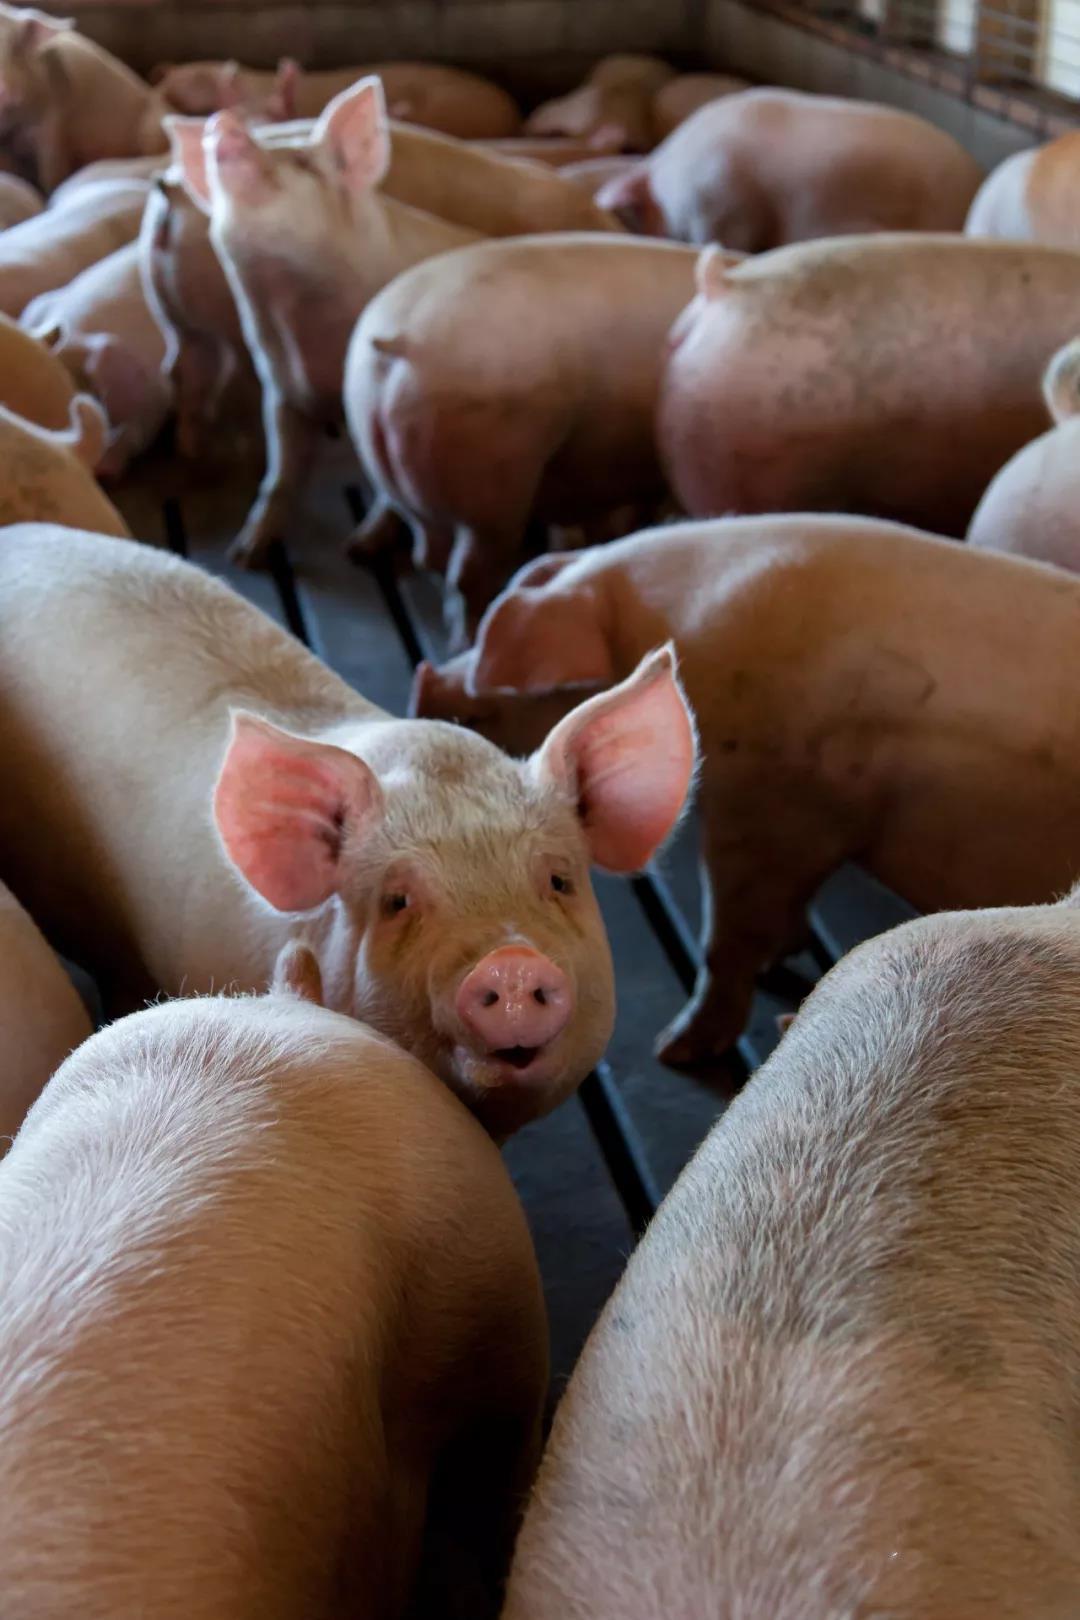 200斤、250斤、300斤......你认为猪体重多少出栏才最合算?